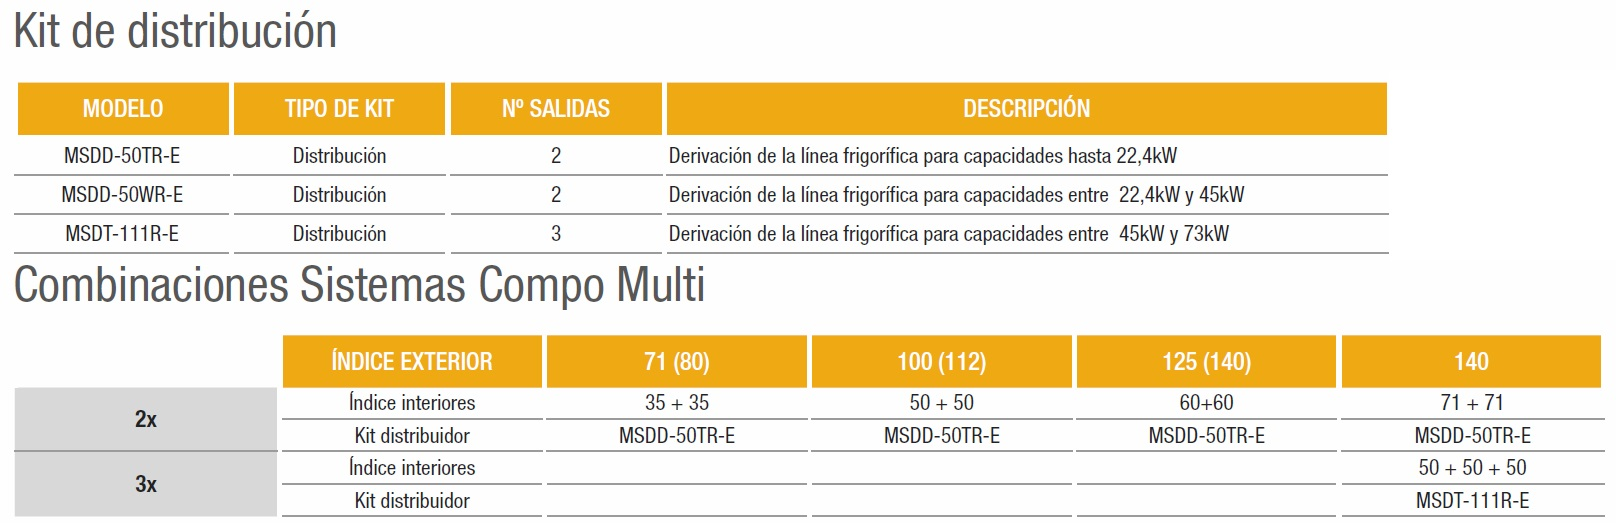 Aire Acondicionado Compo Multi Mitsubishi Electric Unidades exteriores - Combinaciones